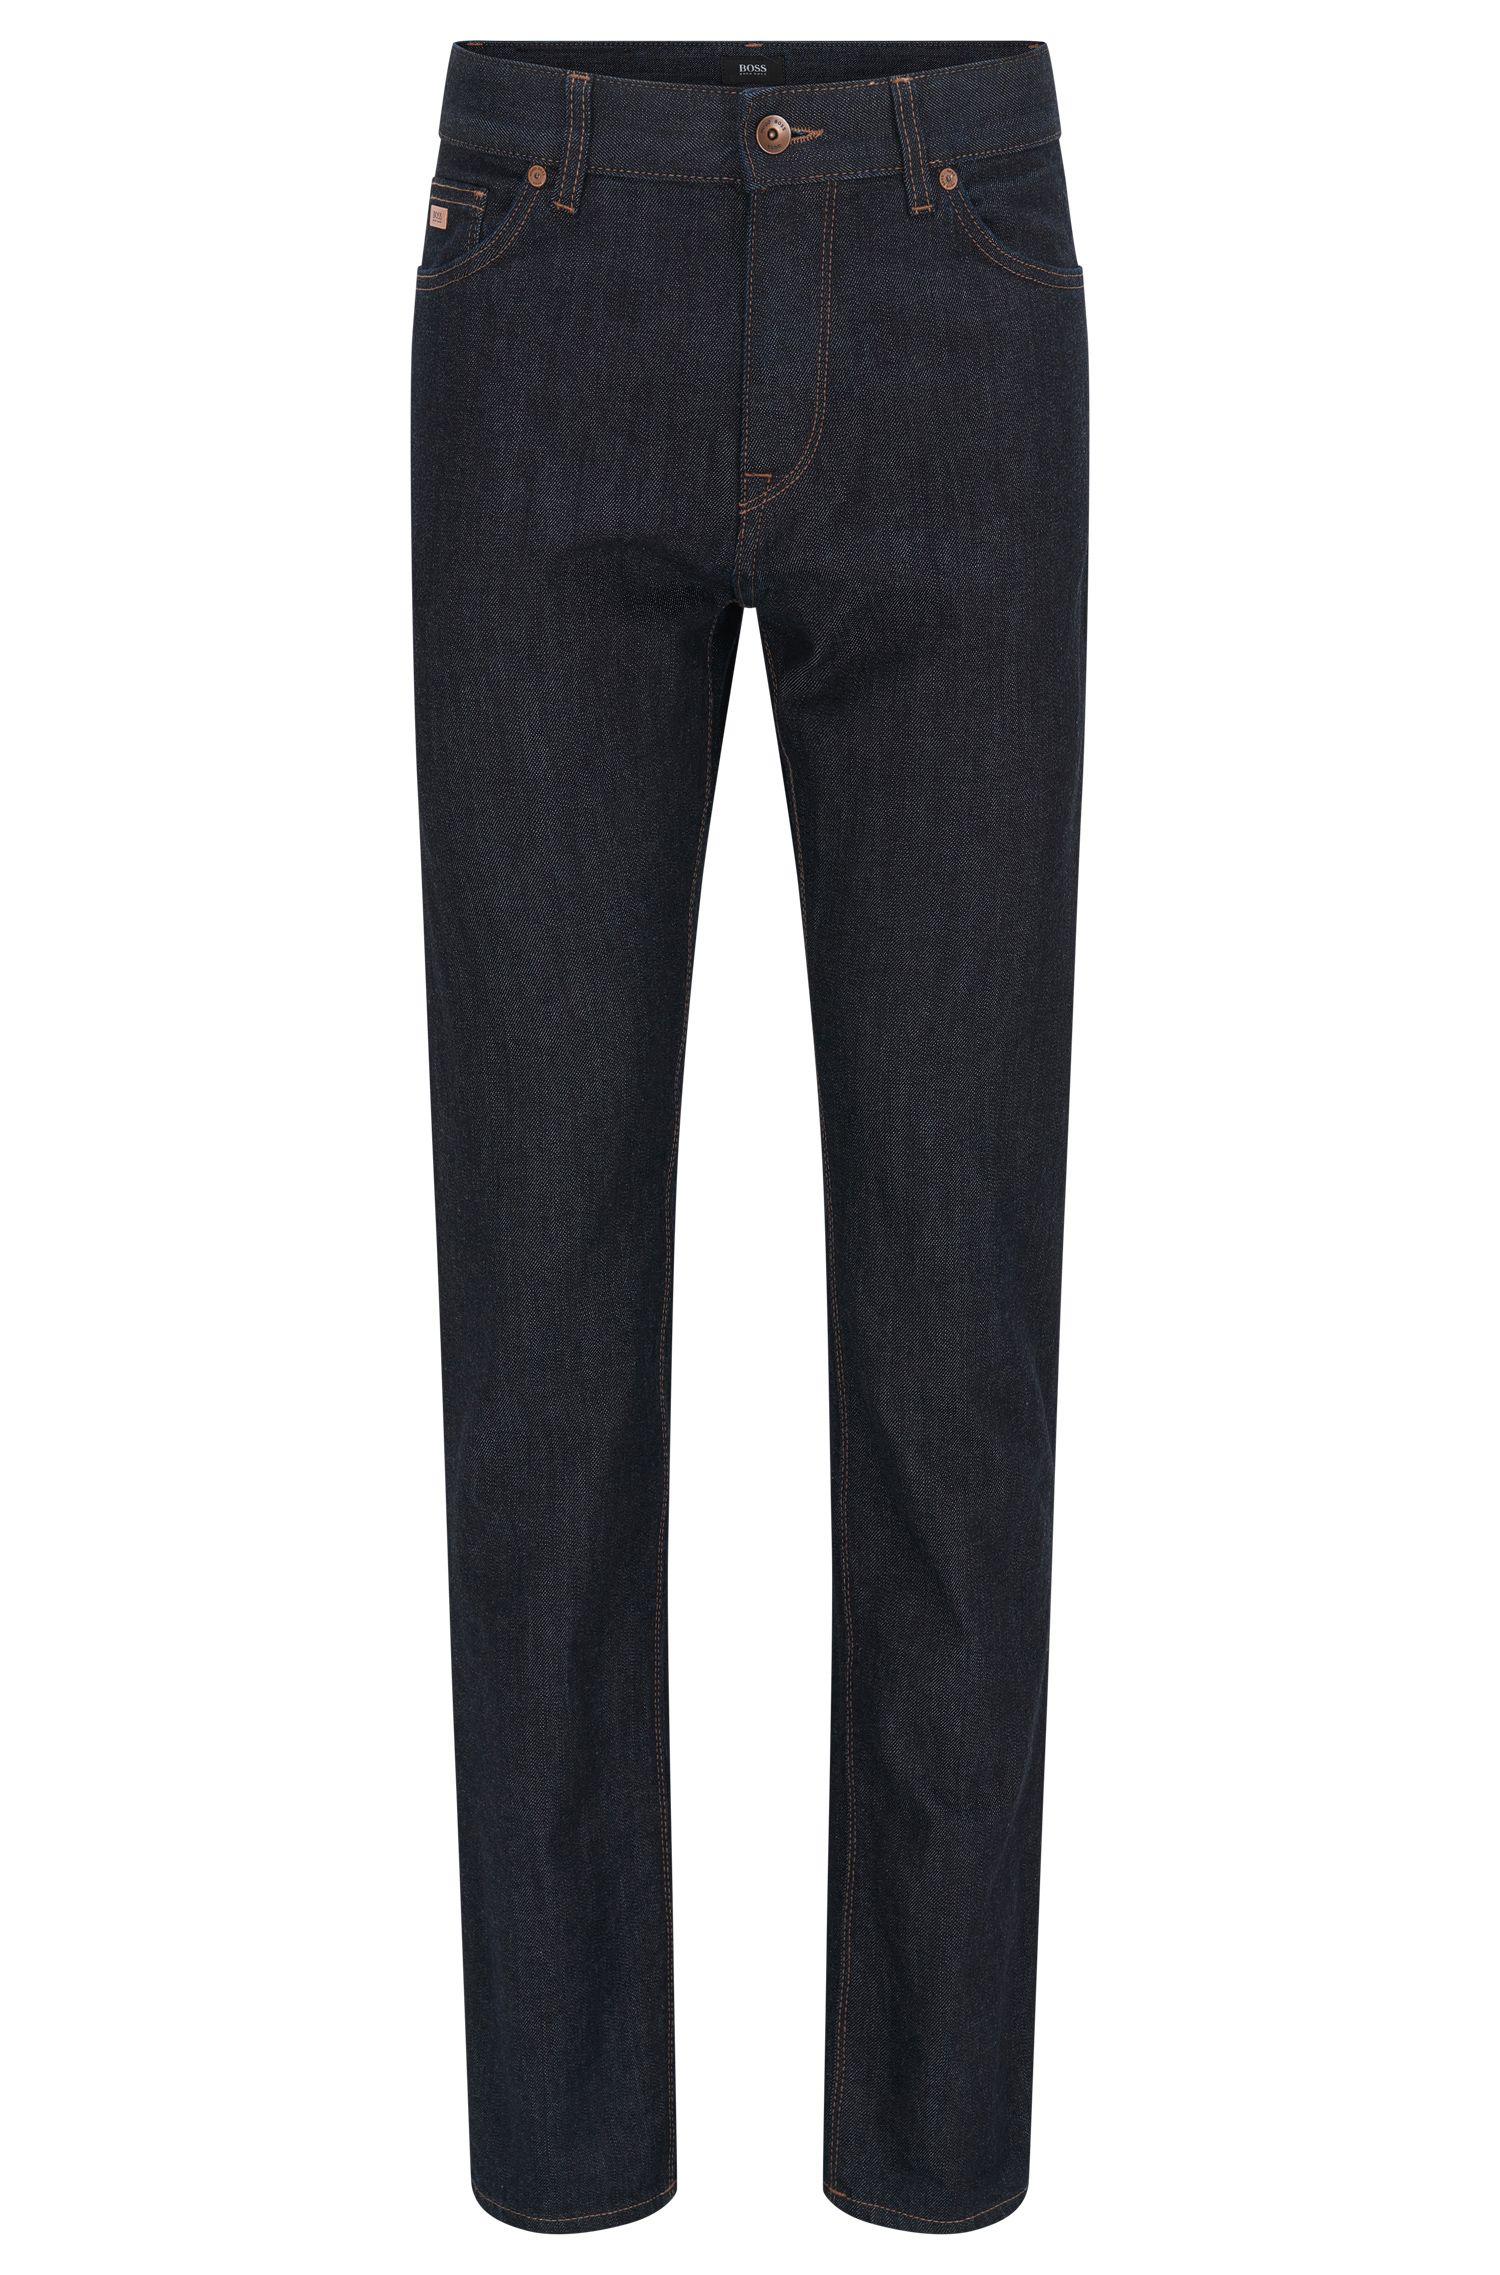 Stretch Cotton Jean, Regular Fit | Maine, Dark Blue